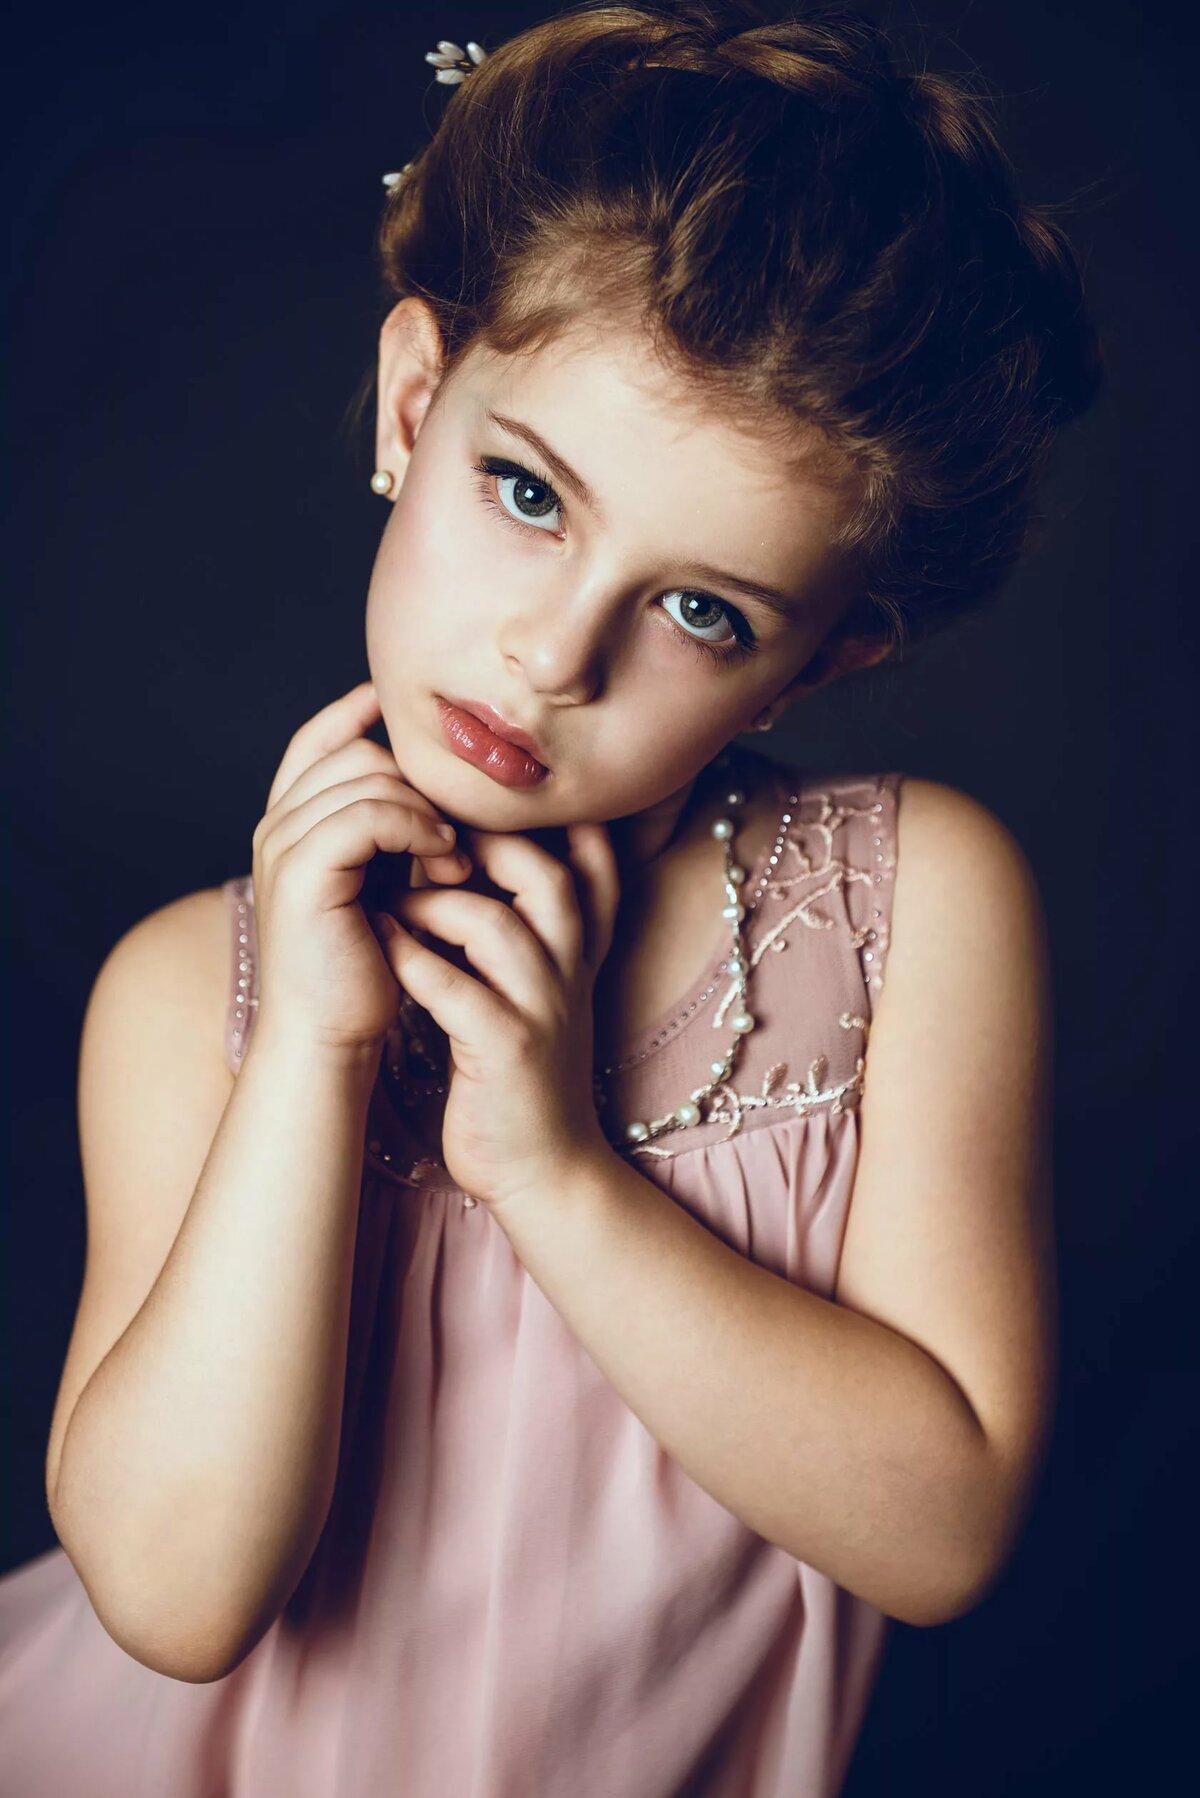 Запретное Фото Голых Девочек